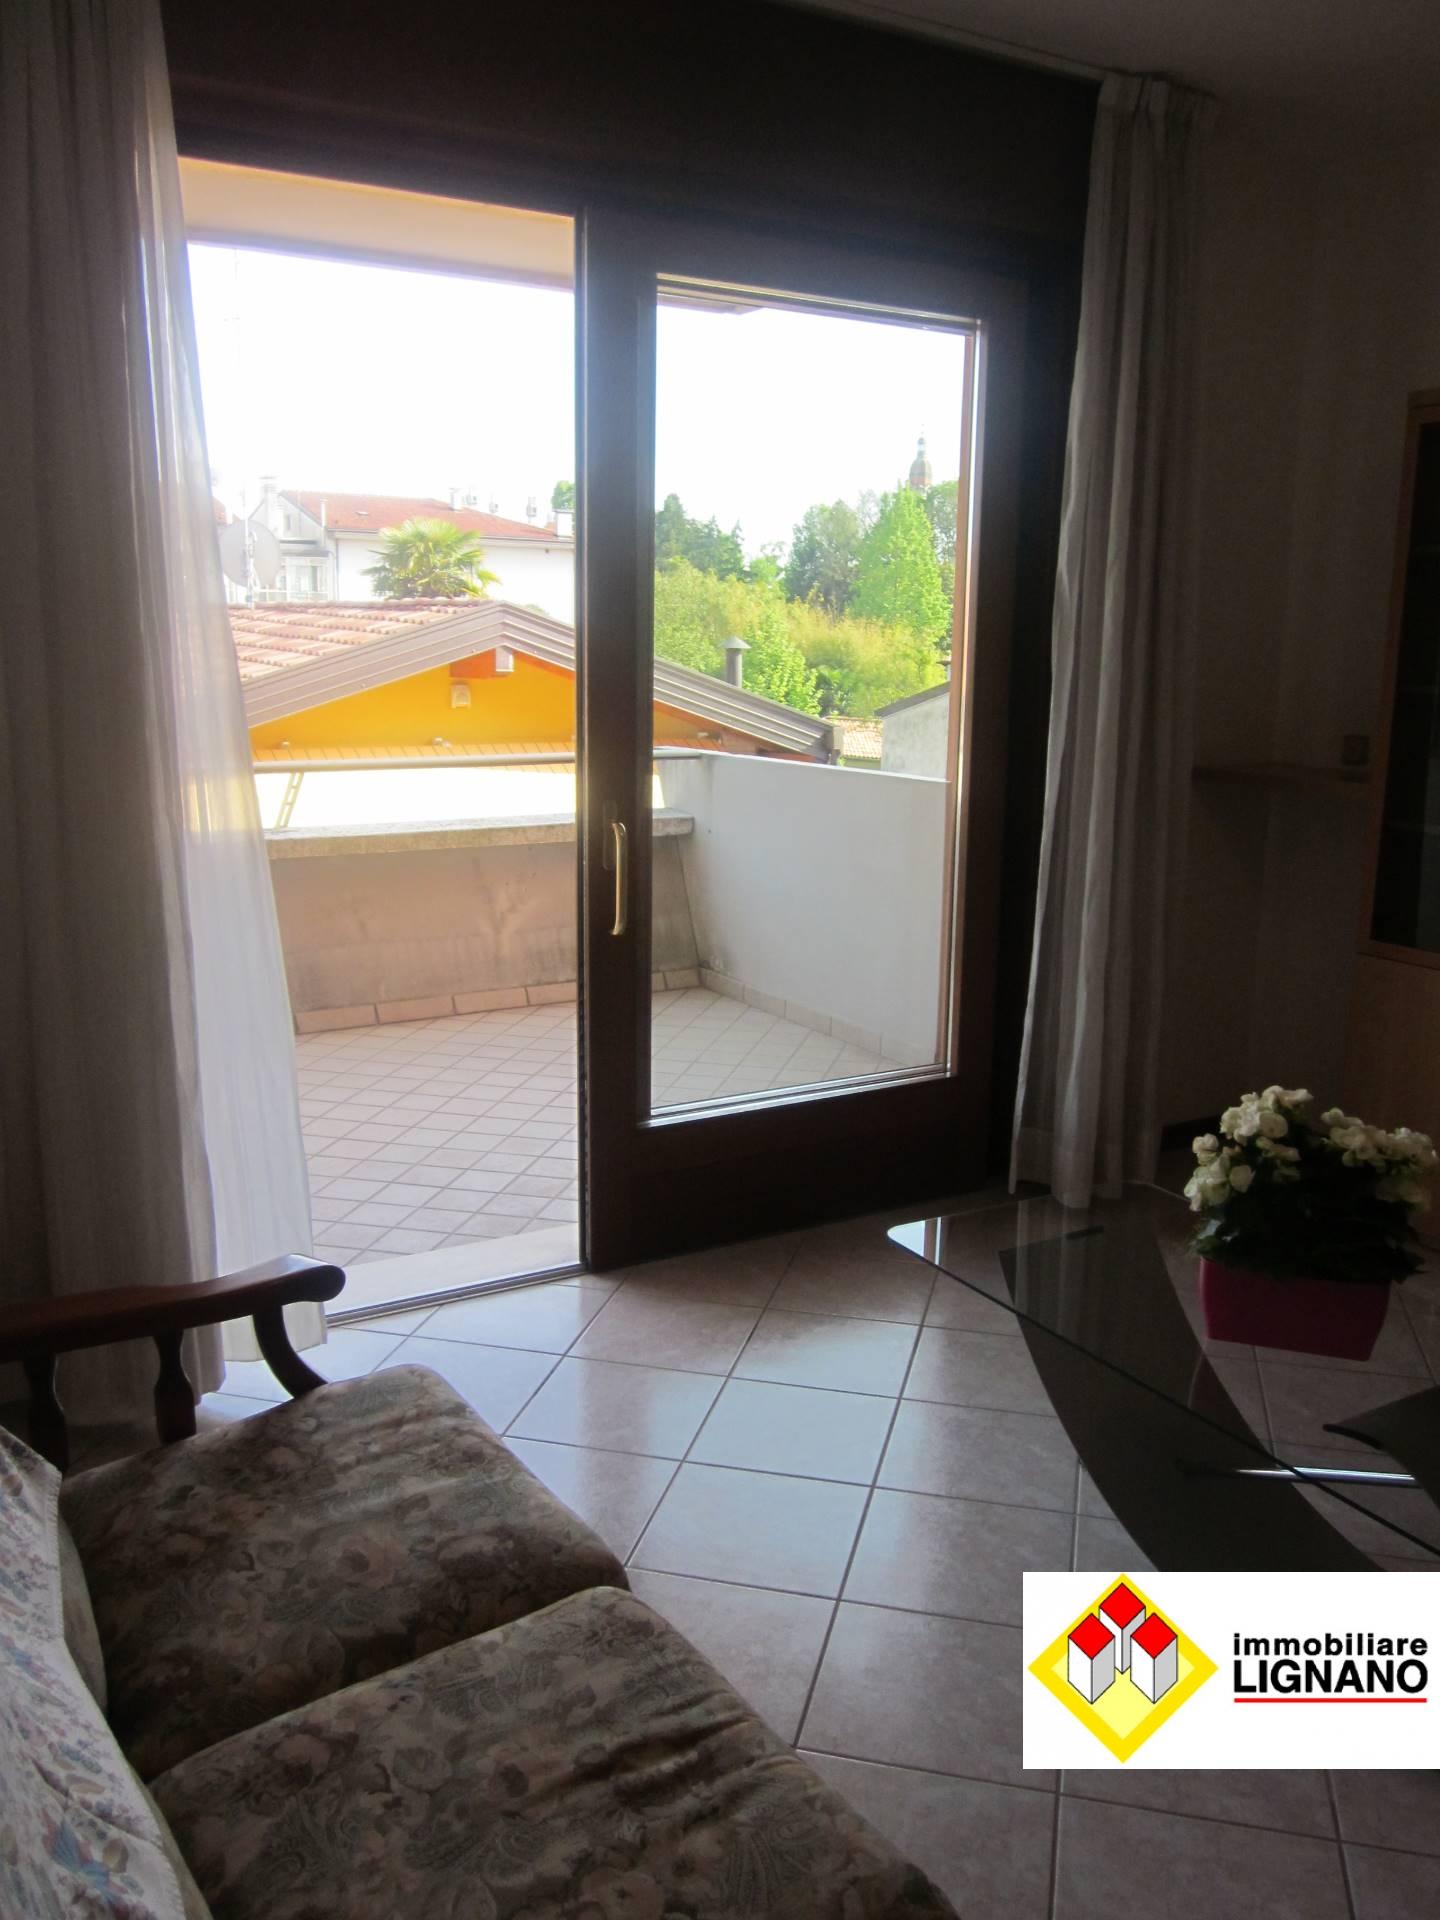 Appartamento in affitto a Latisana, 3 locali, prezzo € 400 | Cambio Casa.it